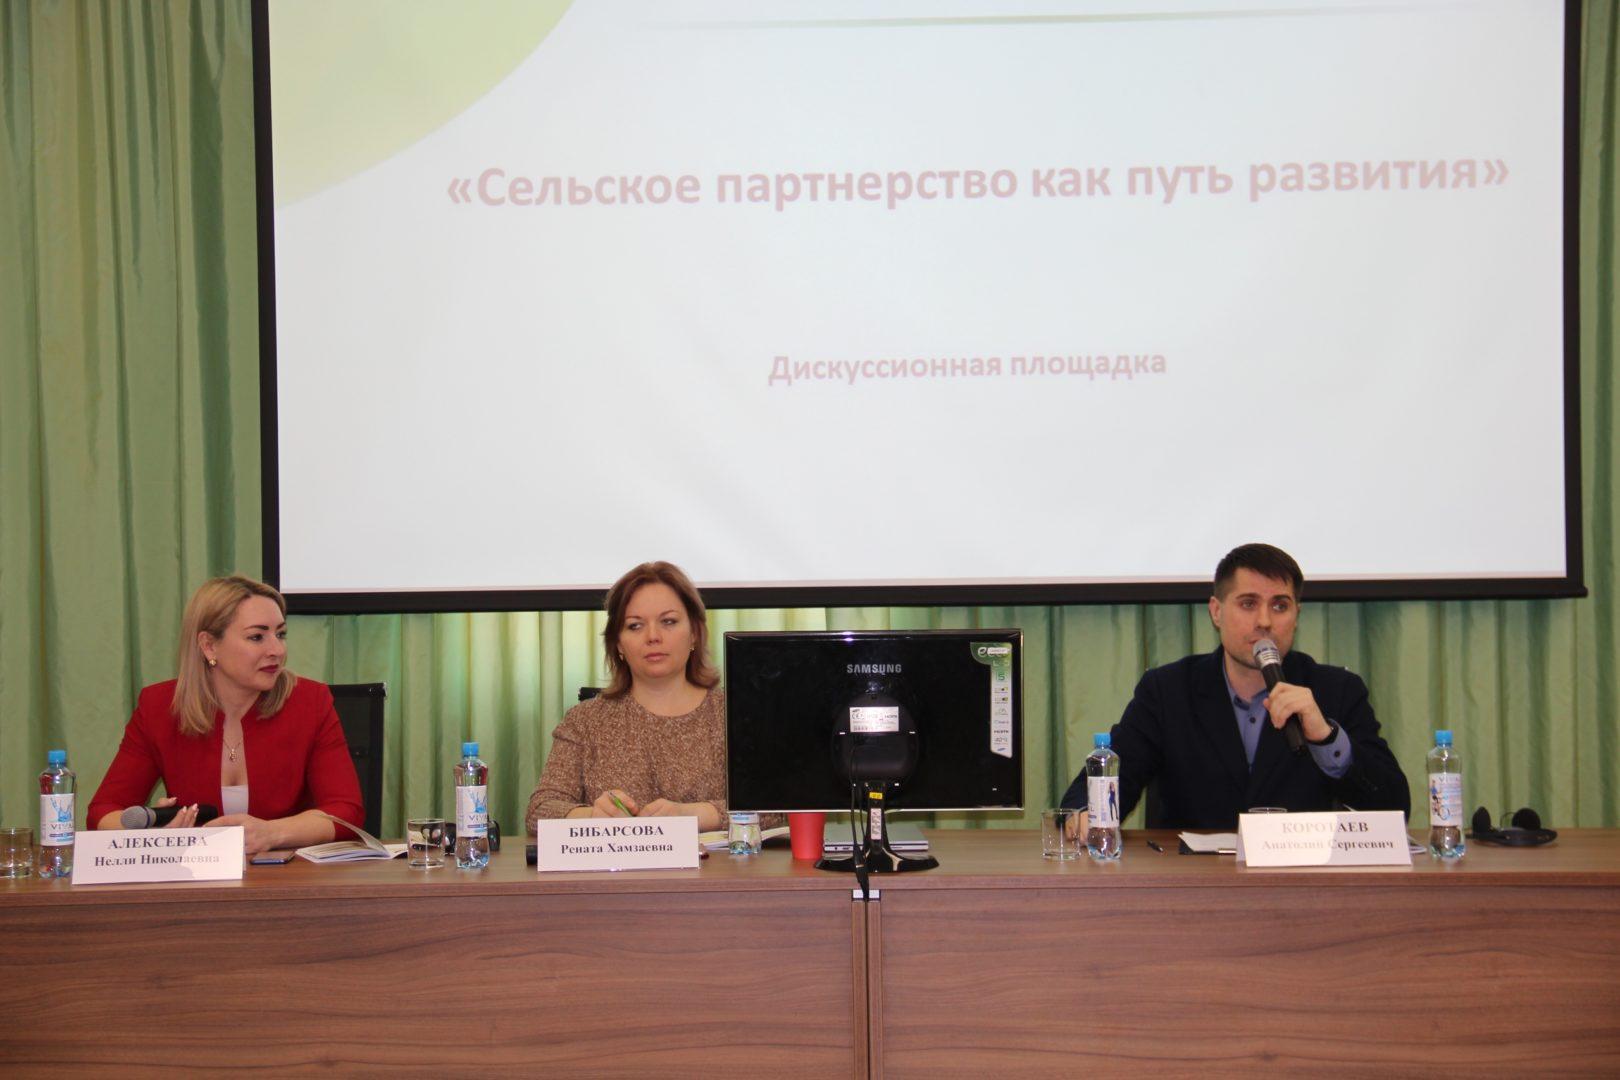 VII Сельский сход Томской области панельная дисскуссия Коротаев Анатолий